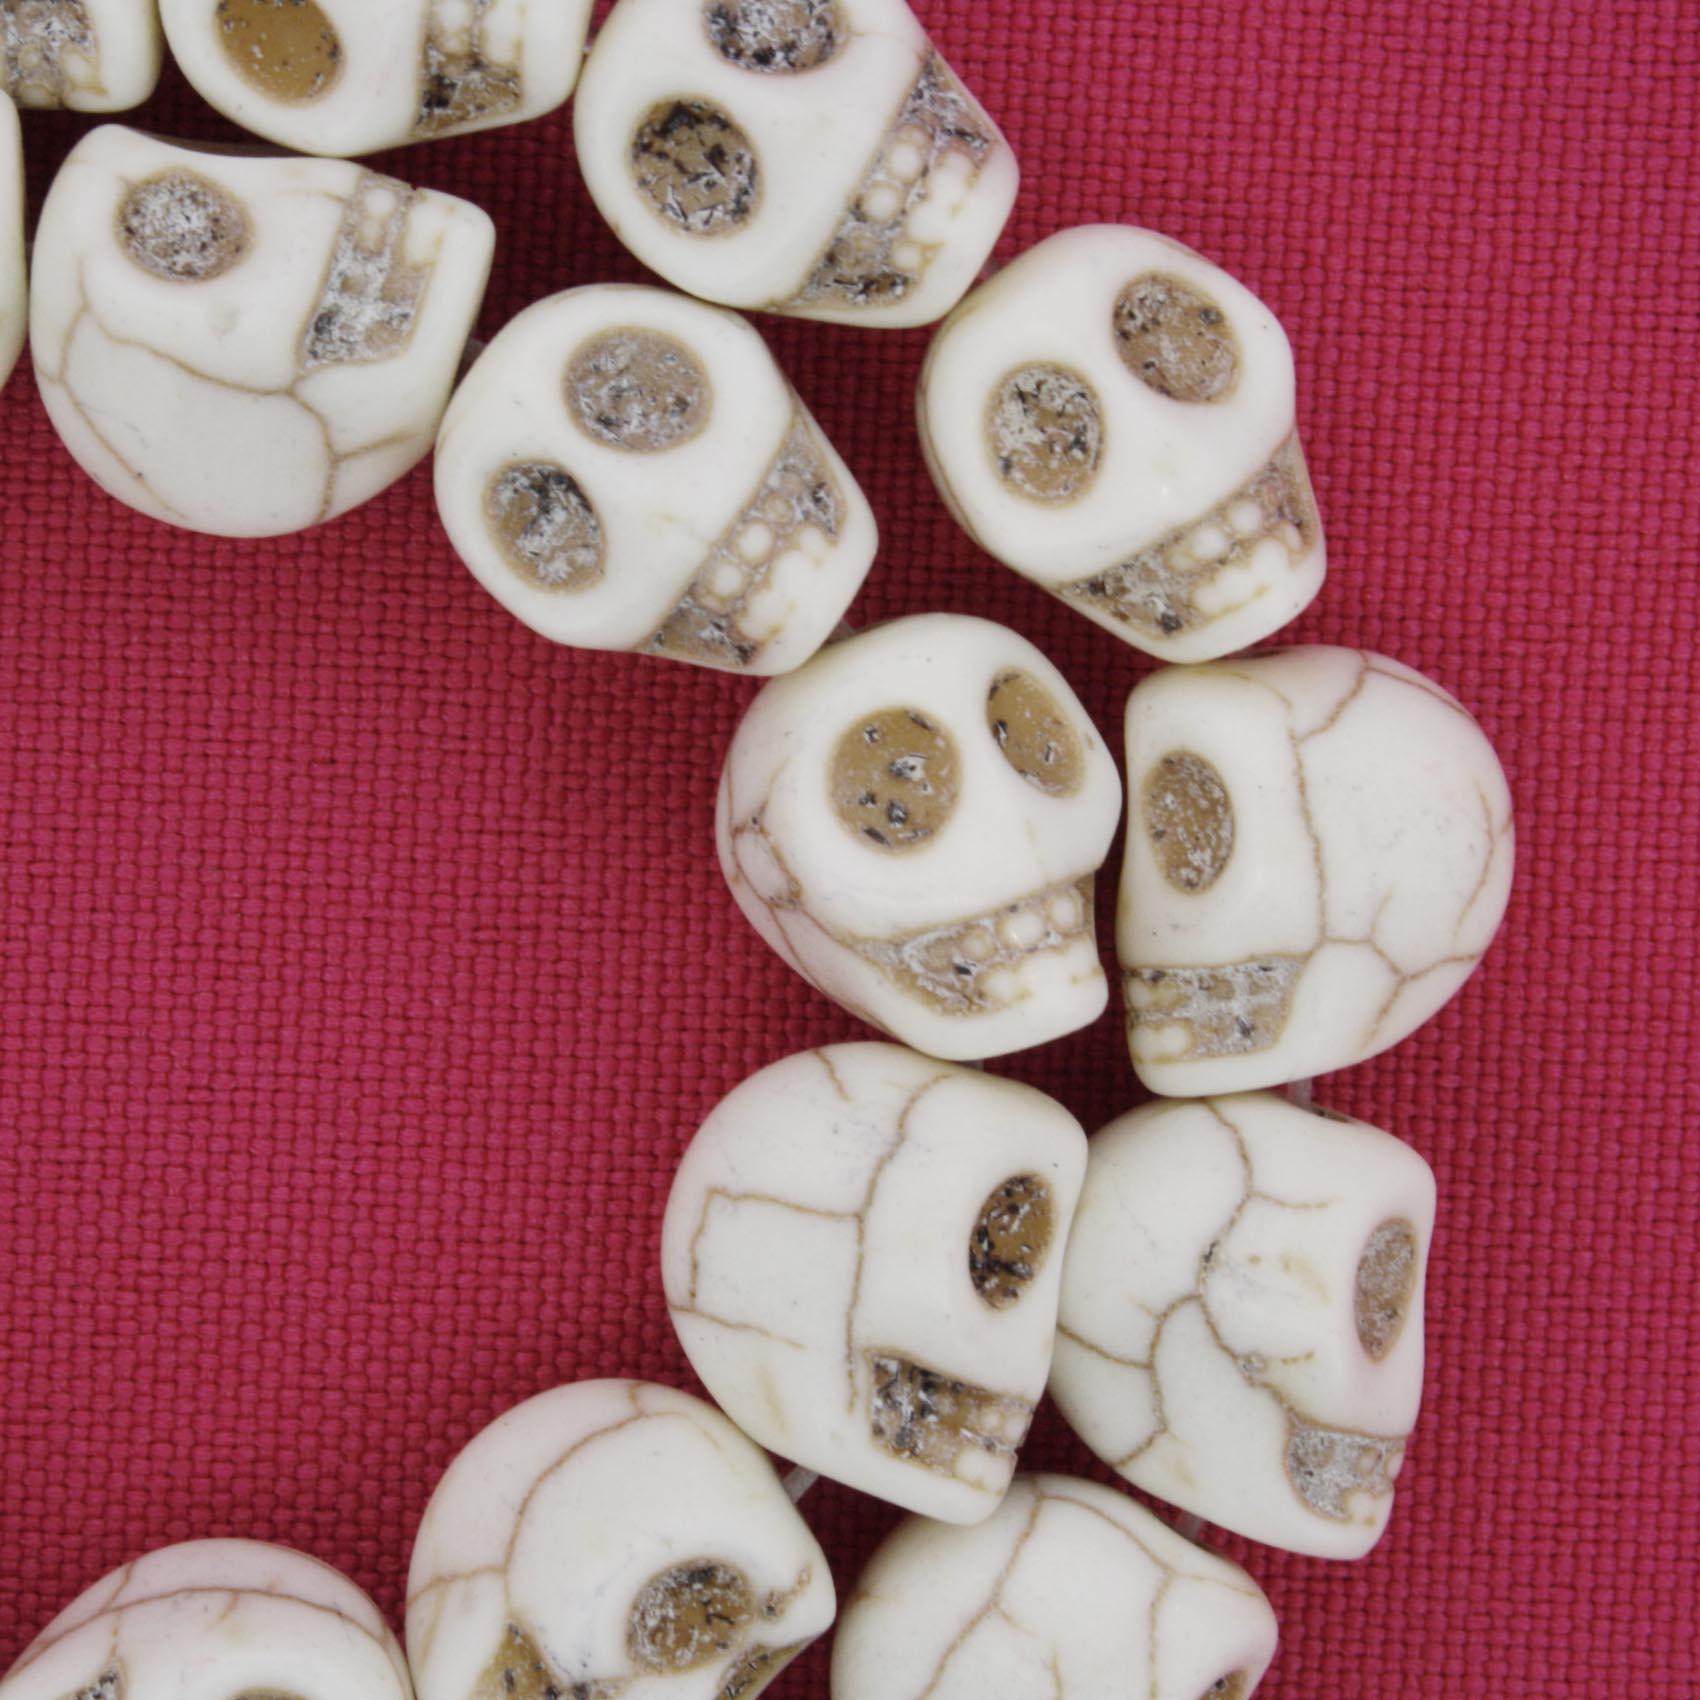 Fio de Caveira de Pedra - Branca - Pequena - 12x10mm  - Stéphanie Bijoux® - Peças para Bijuterias e Artesanato